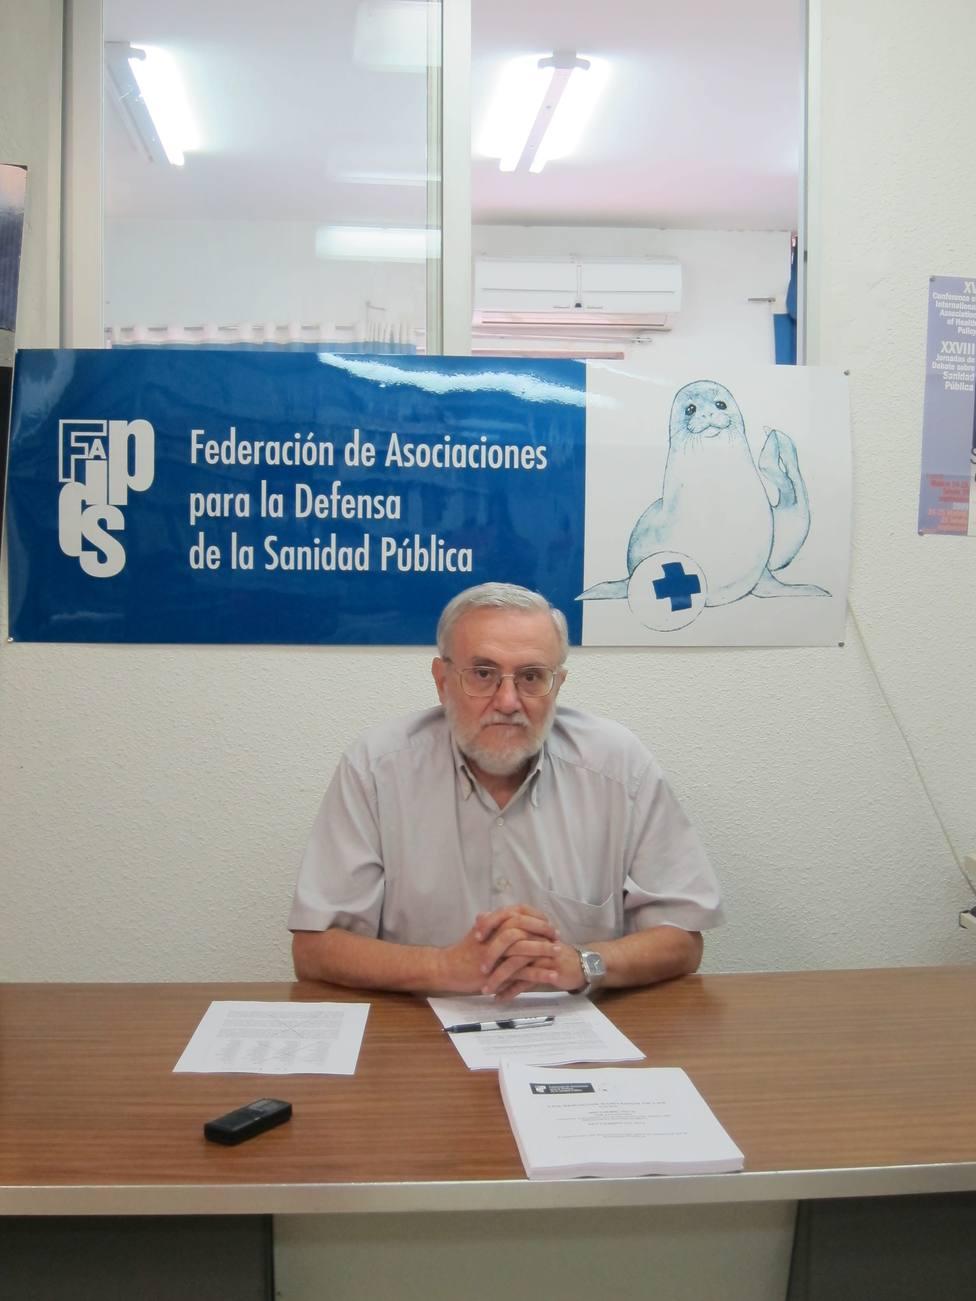 Defensa de Sanidad Pública pide una finaciación del 7% del PIB y eliminar todos los copagos